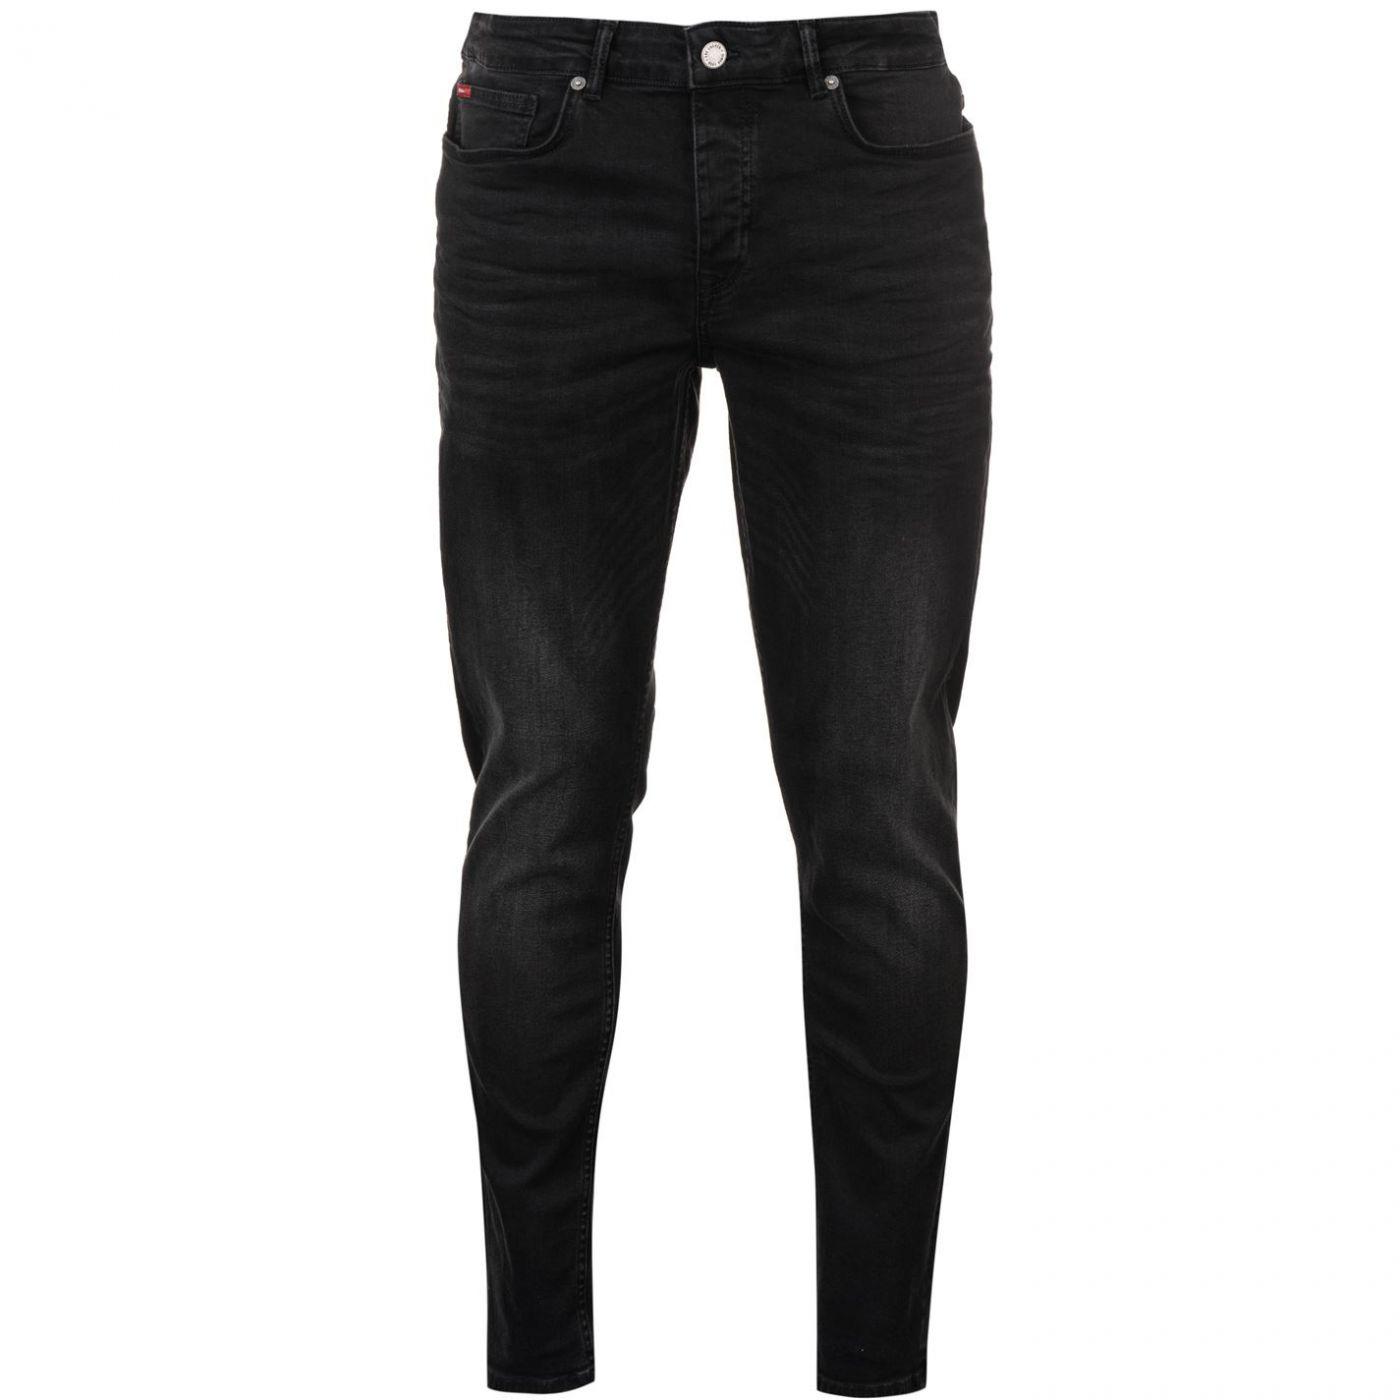 Lee Cooper Black Mens Jeans